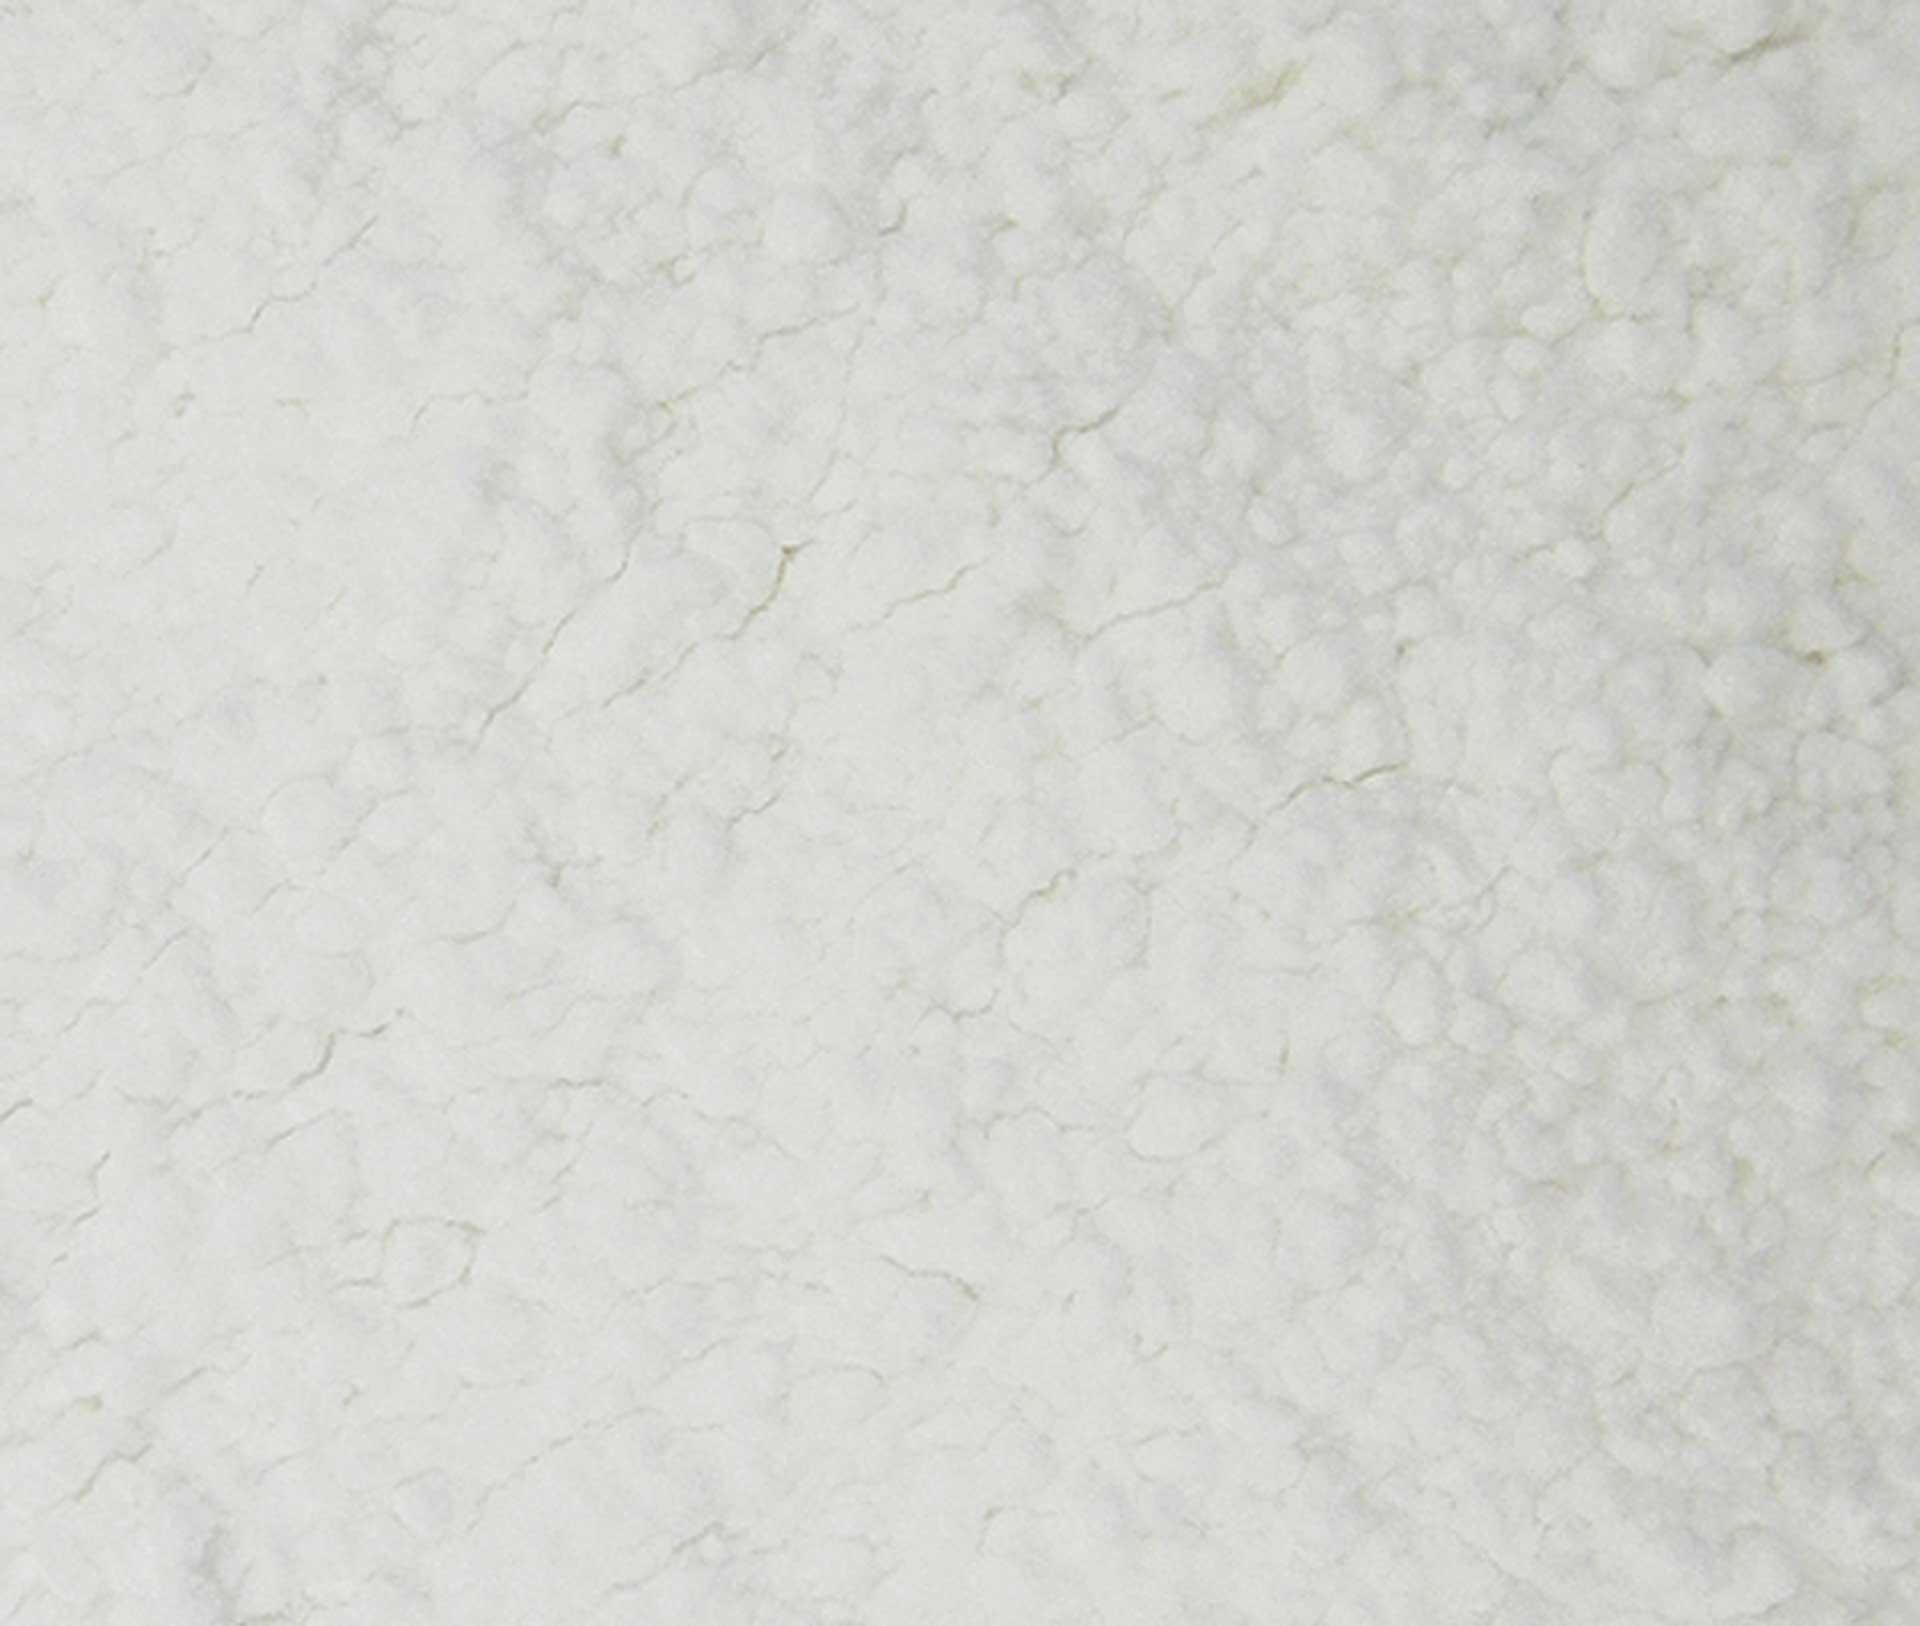 R&G Baumwollflocken, Beutel/ 50 g